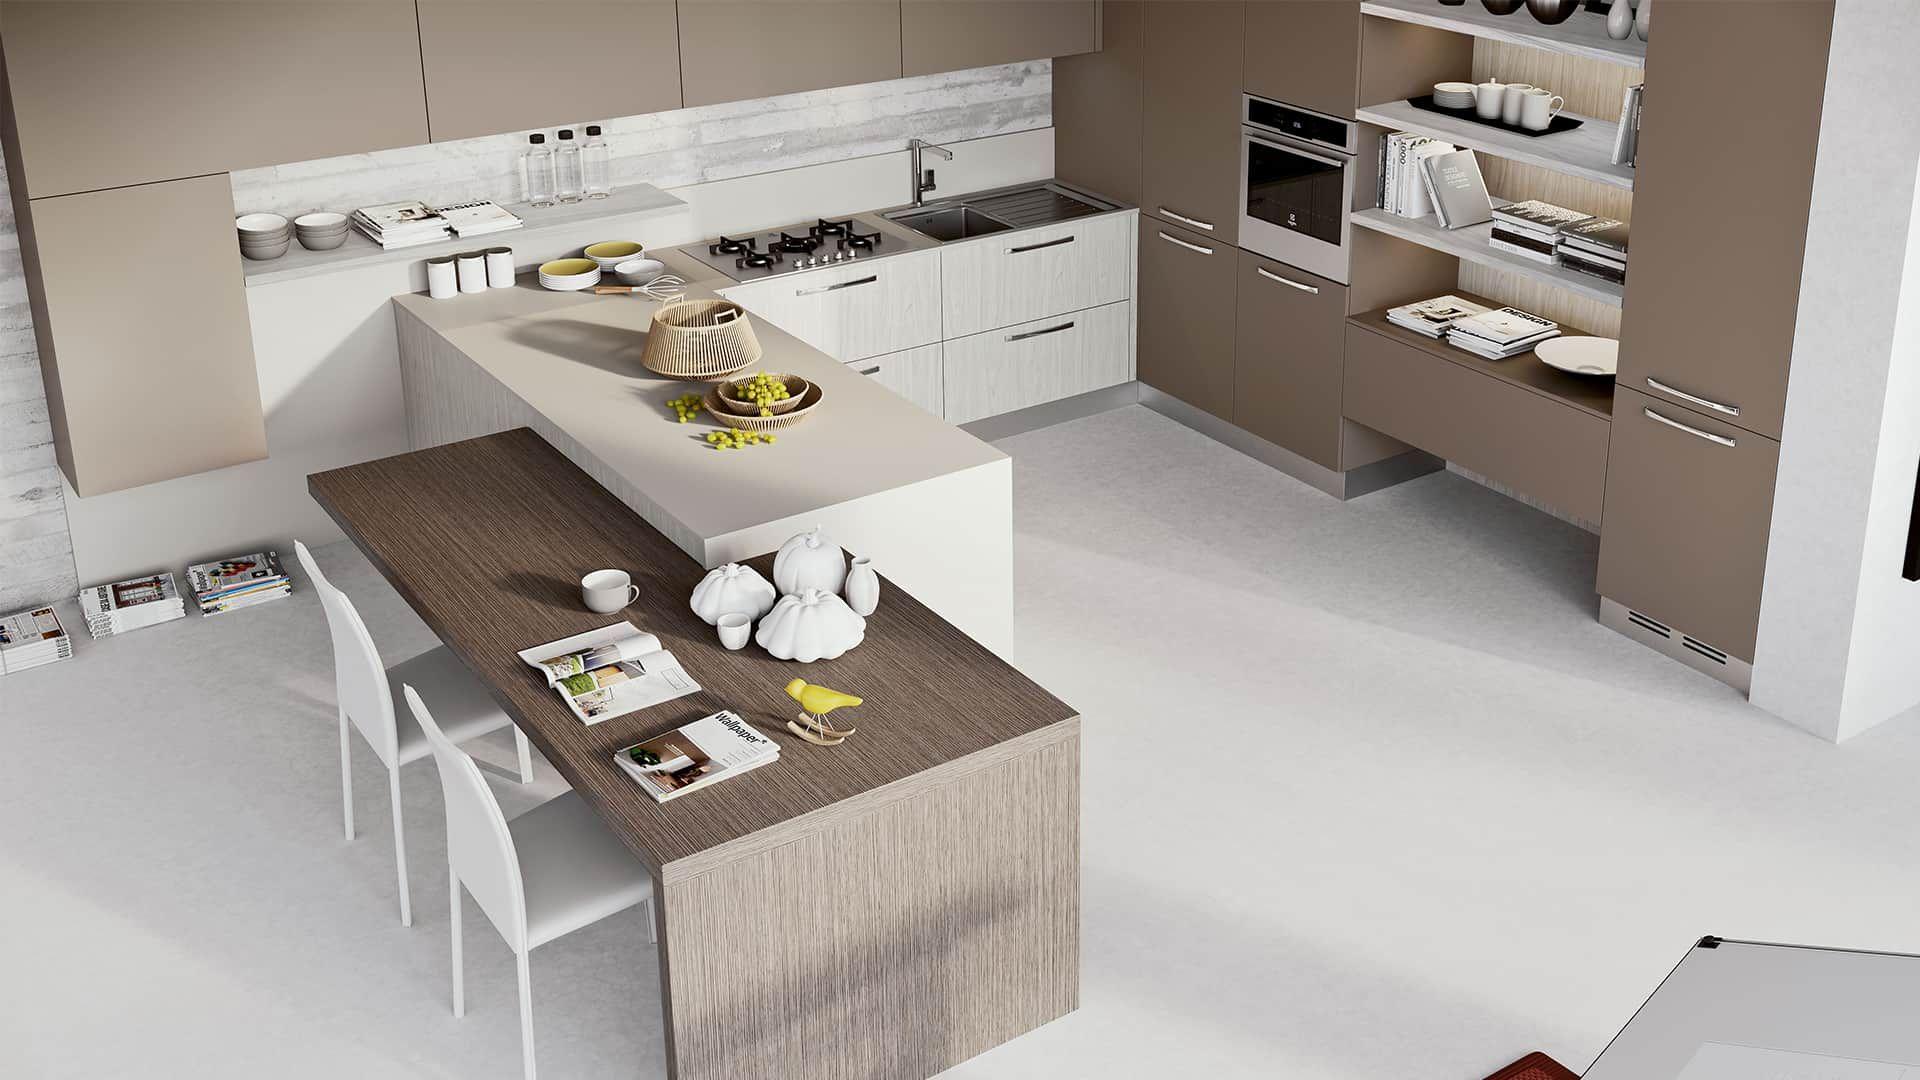 Cucina Moderna Ad Angolo Con Isola.Cucine Componibili Moderne Ad Angolo Con Penisola Cucina